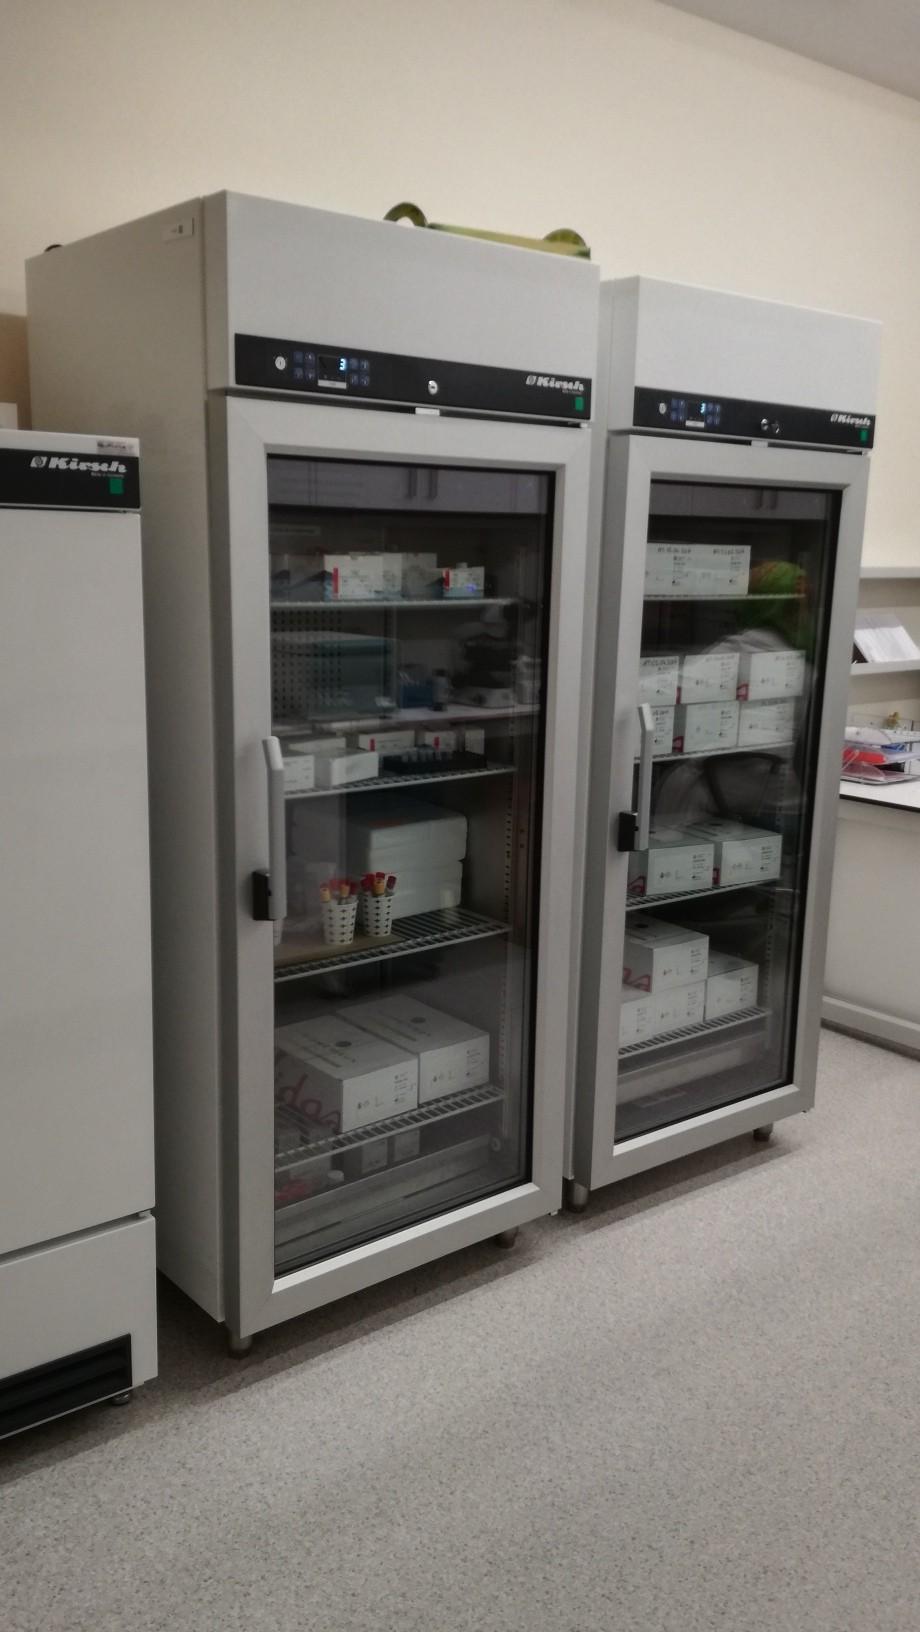 NPİSTANBUL Beyin Hastanesi Toksikoloji Laboratuvarı